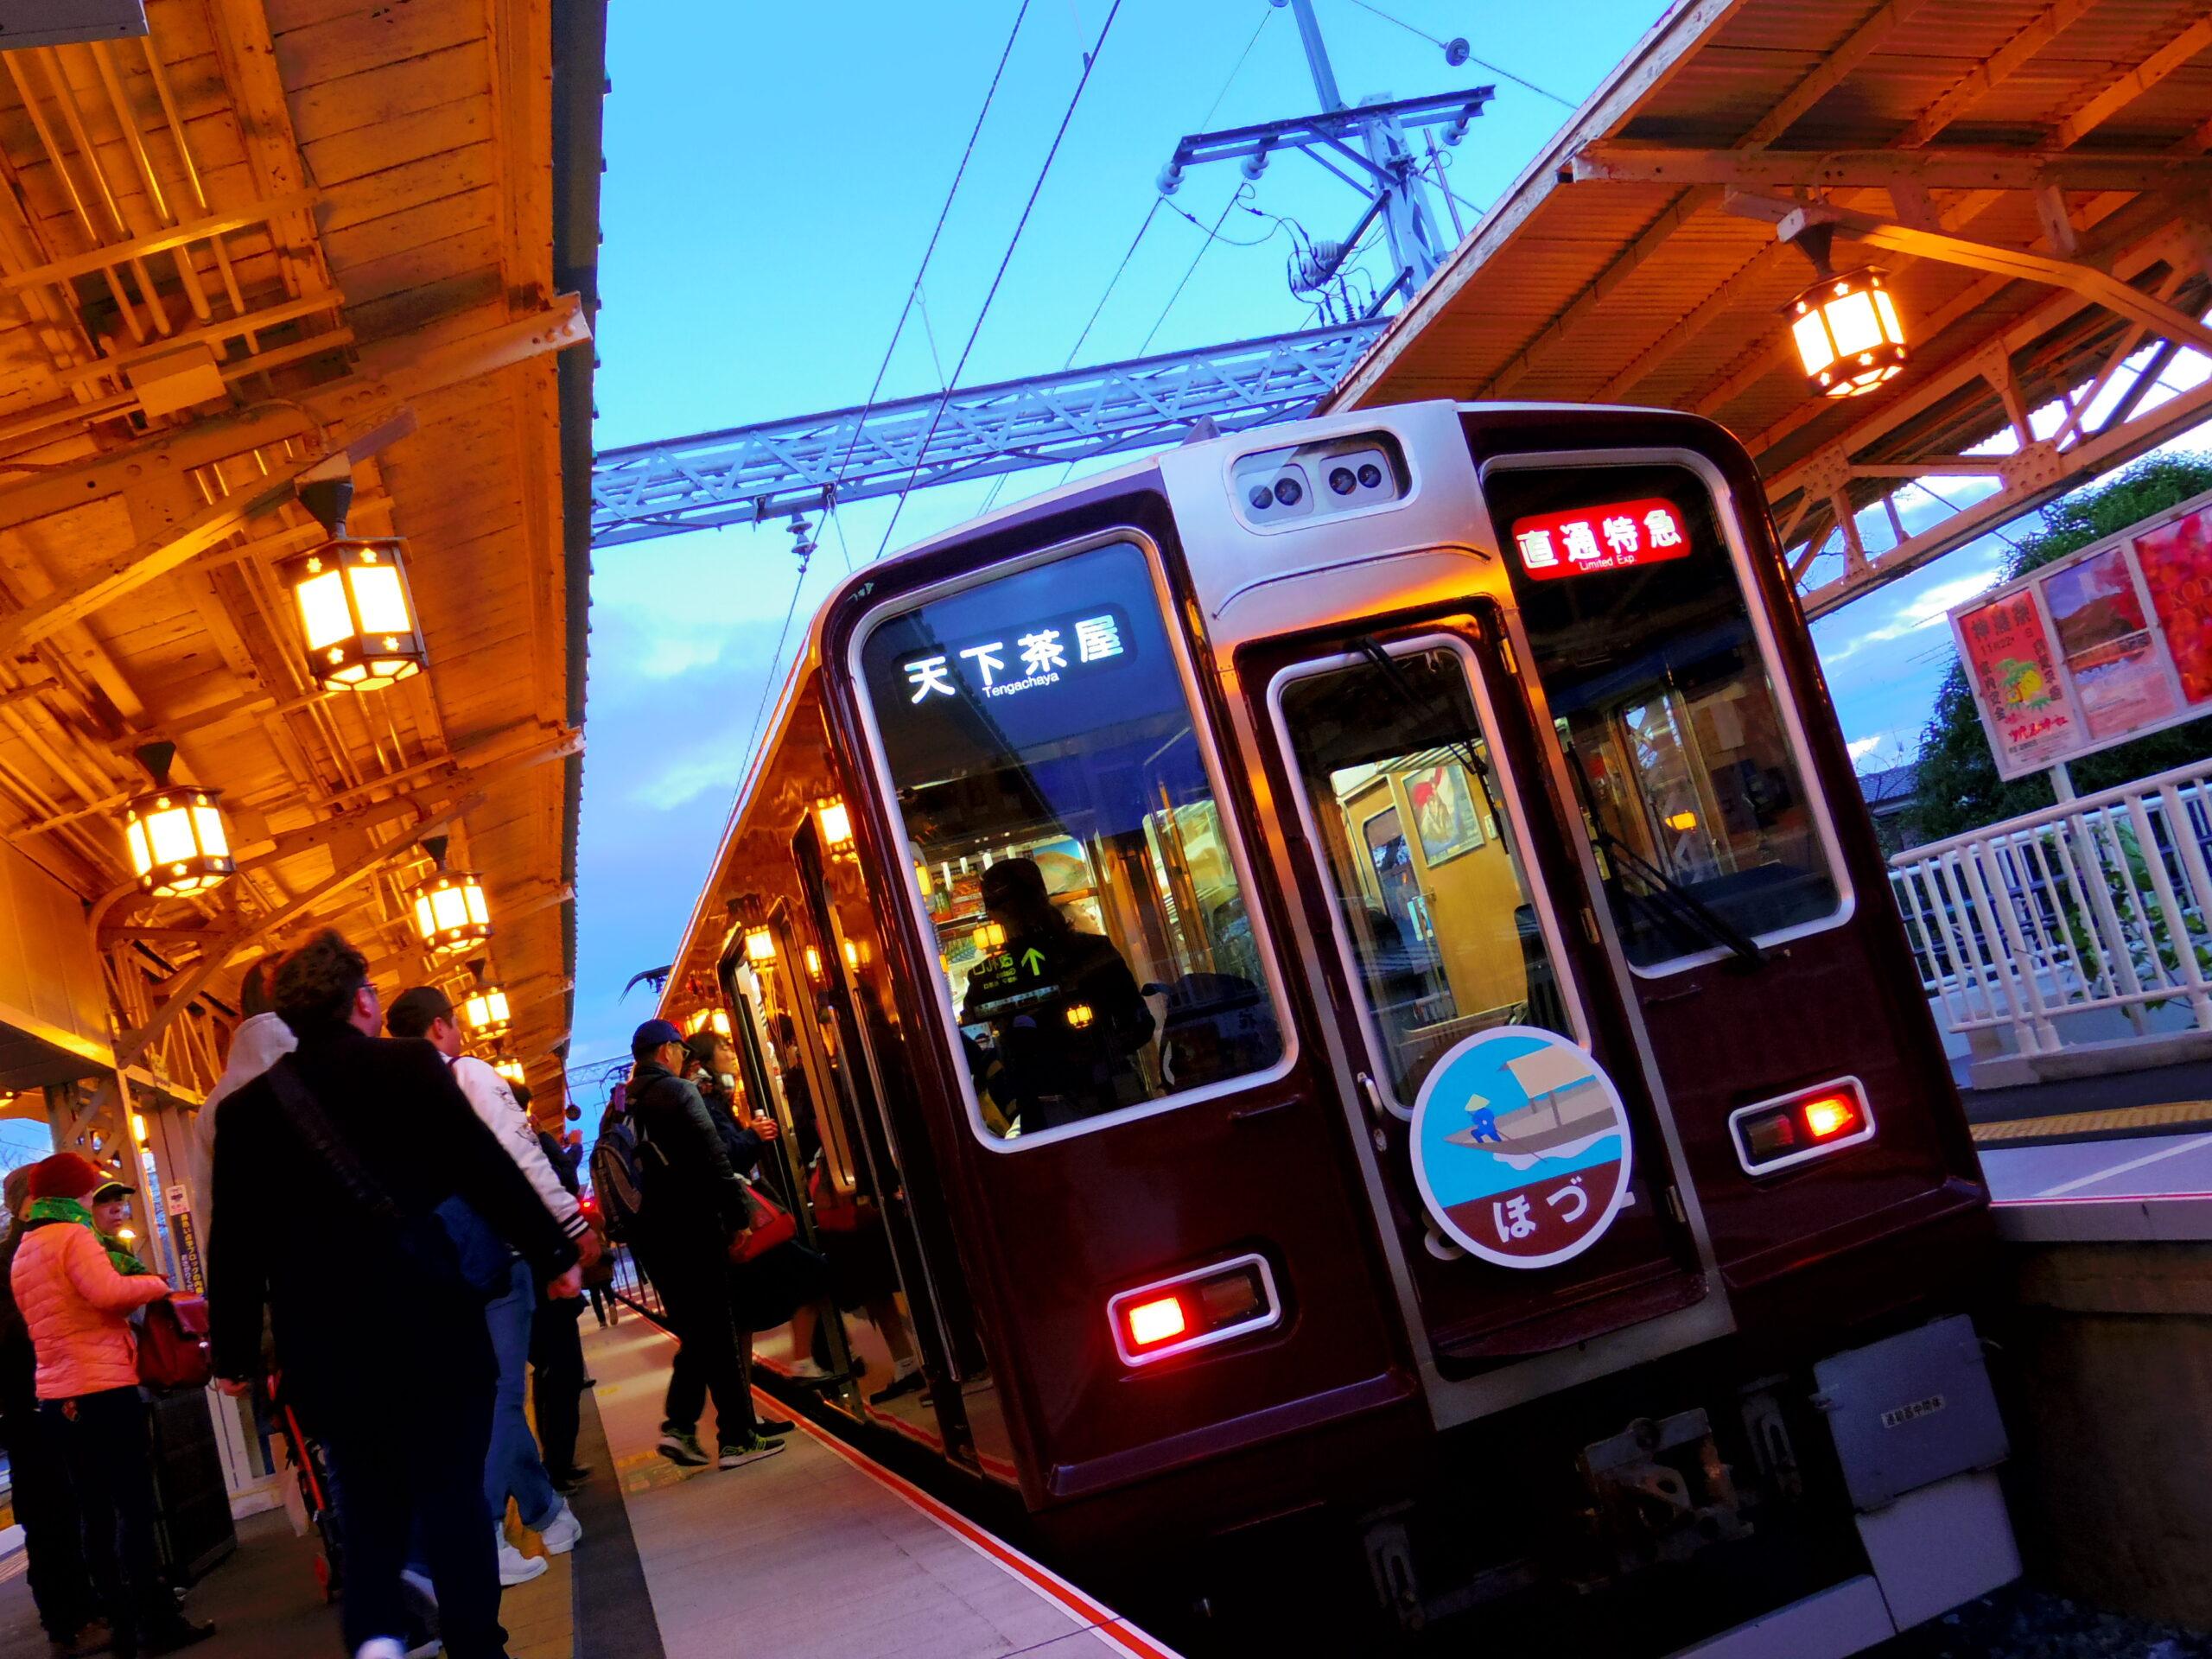 【速報版】阪急電鉄 終電繰り上げか 2021年3月改正